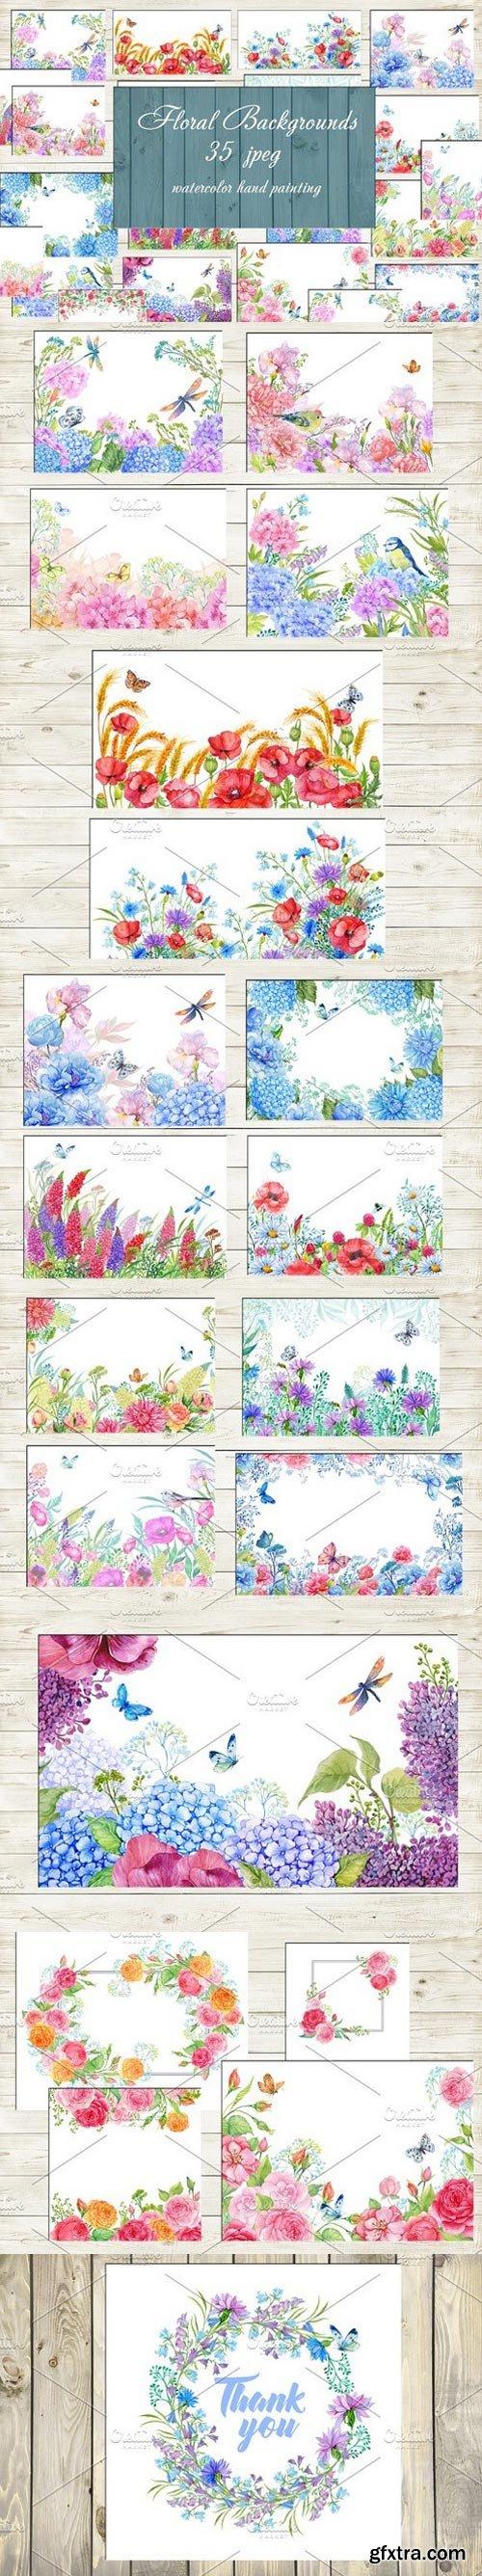 CM - floral backgrounds watercolor 1448362